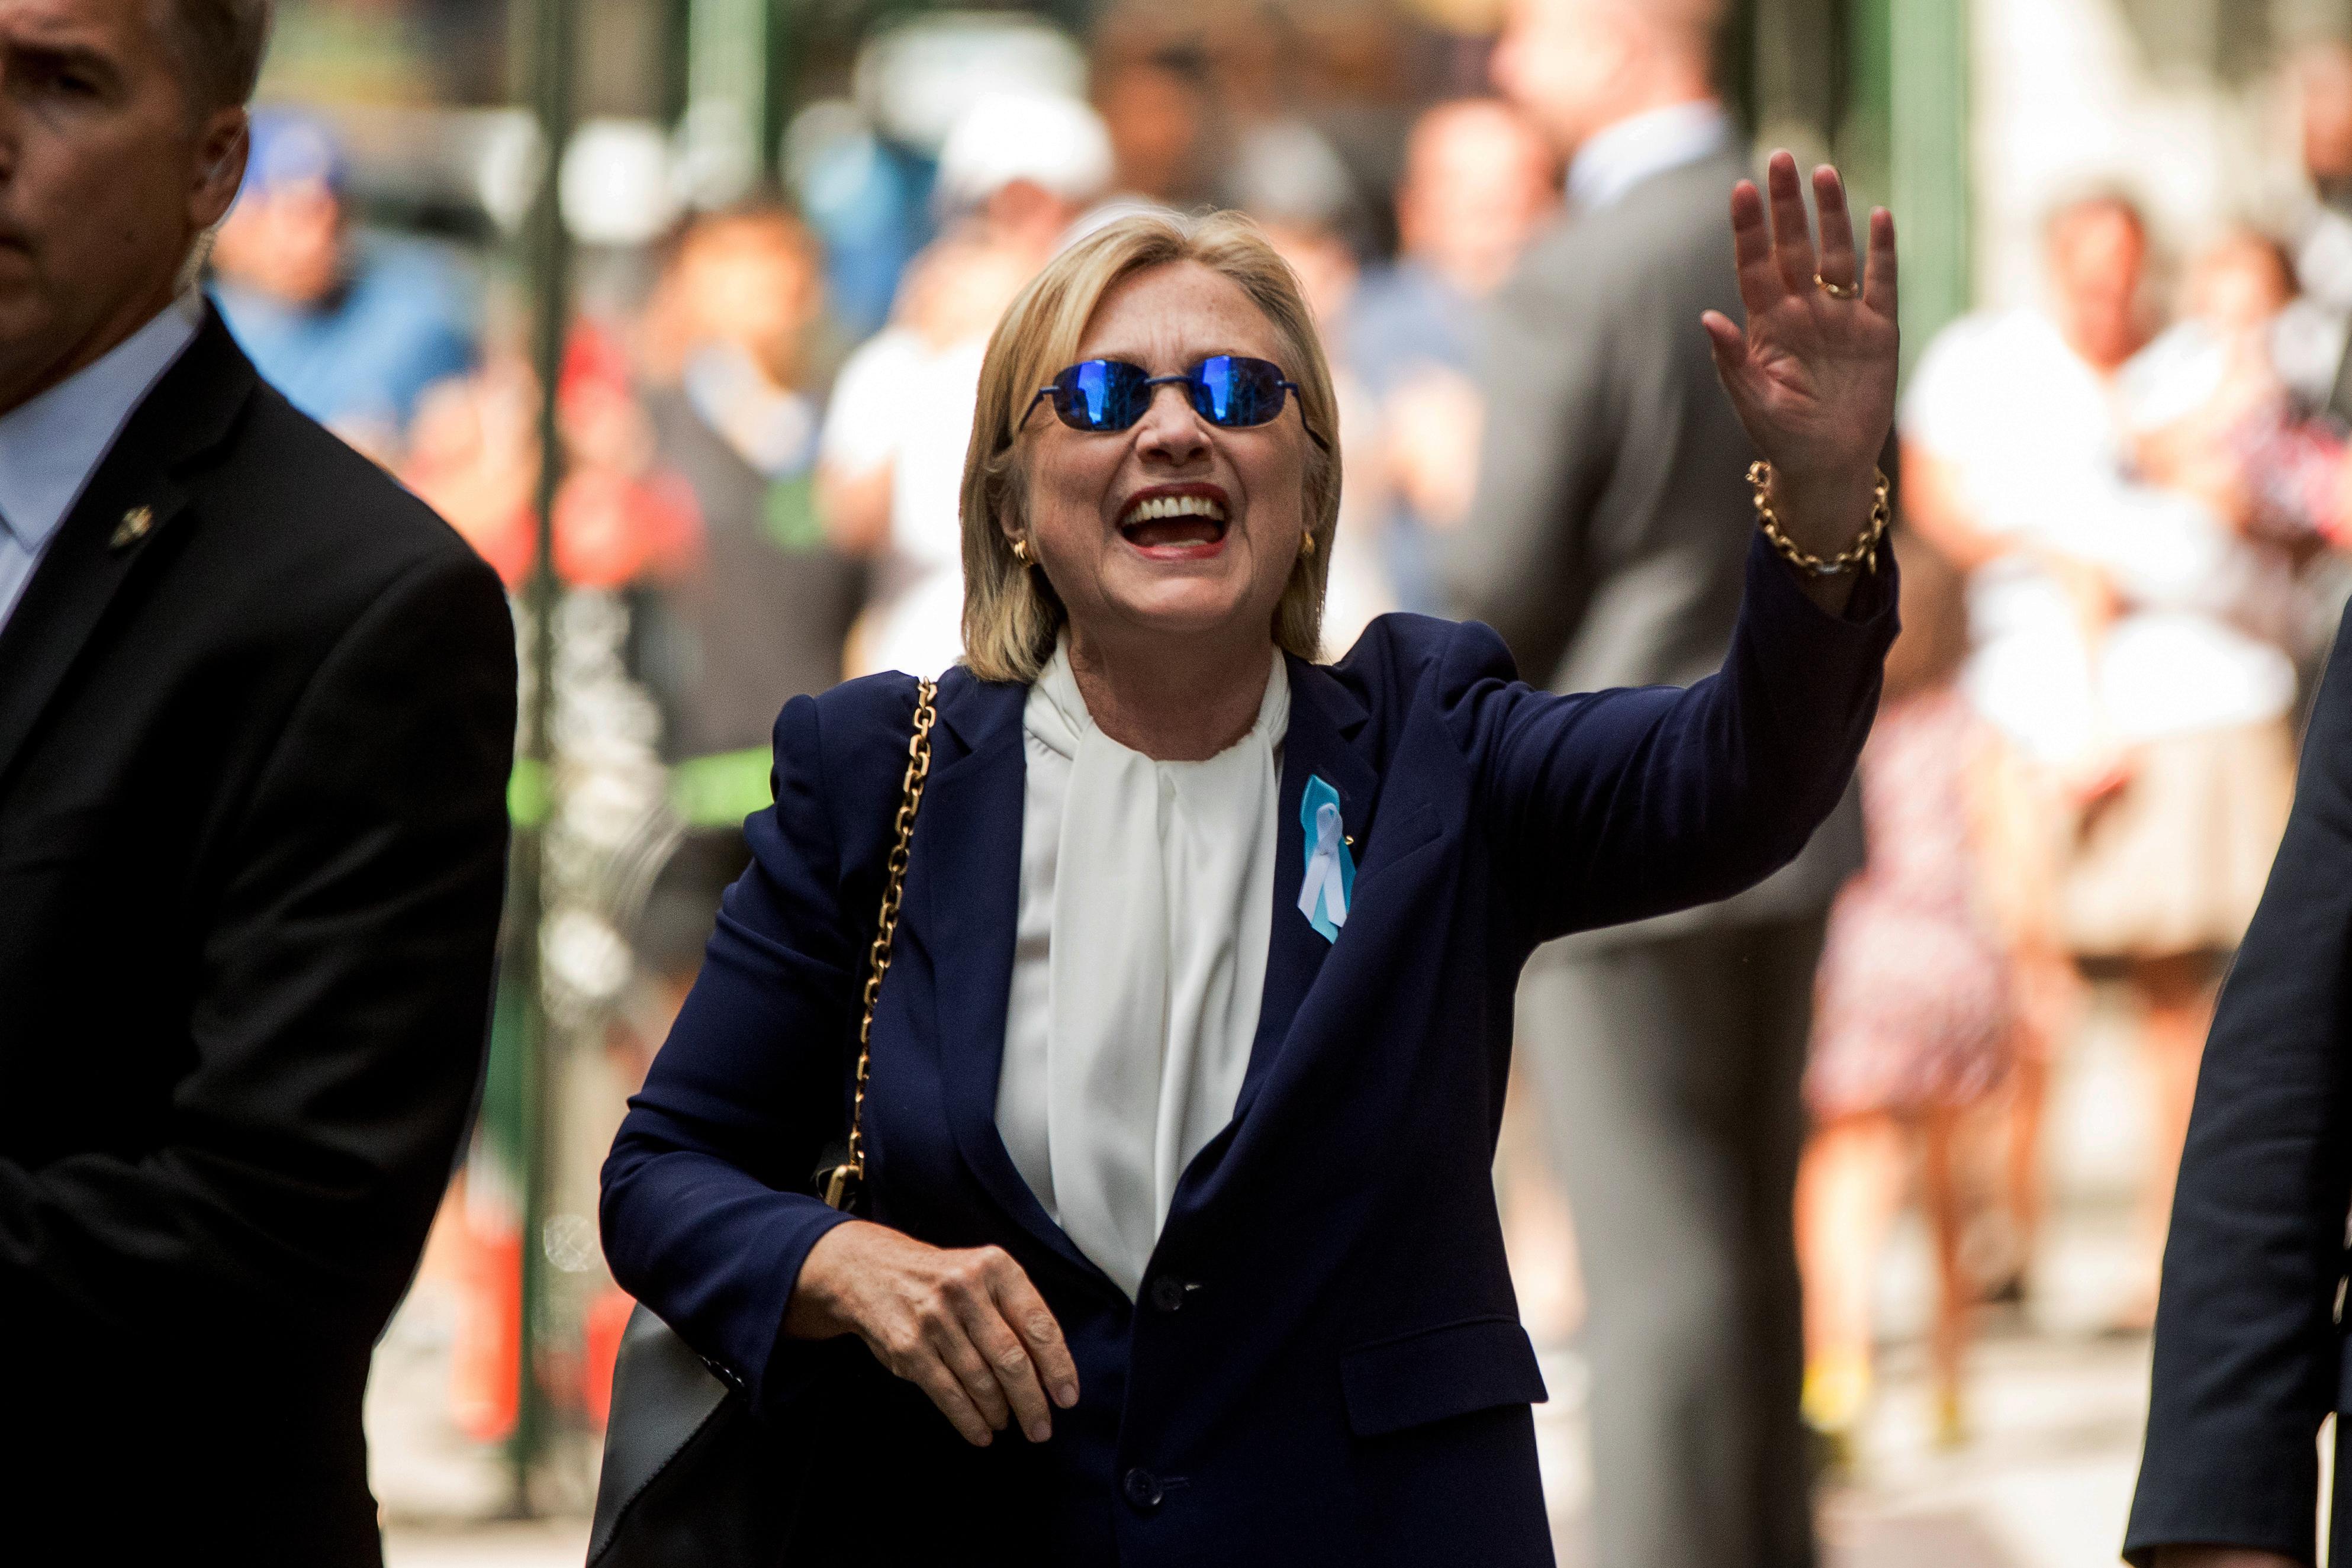 Zwaaiend probeerde Hillary de geruchten nog te stoppen. Tevergeefs